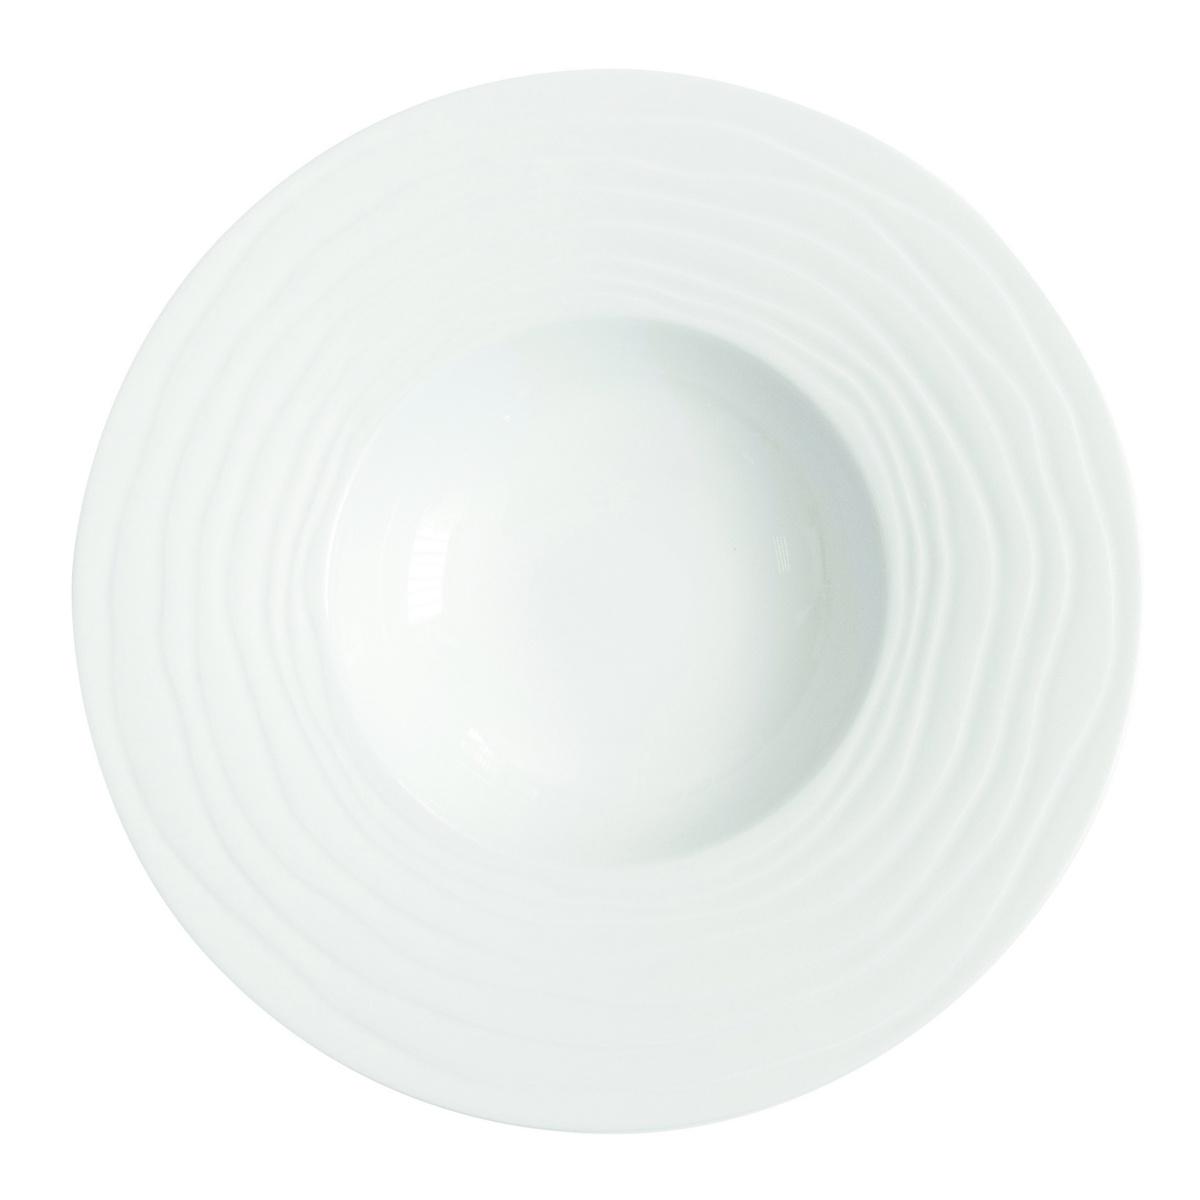 Assiette à pâtes ronde blanc porcelaine Ø 28 cm Onde Medard De Noblat